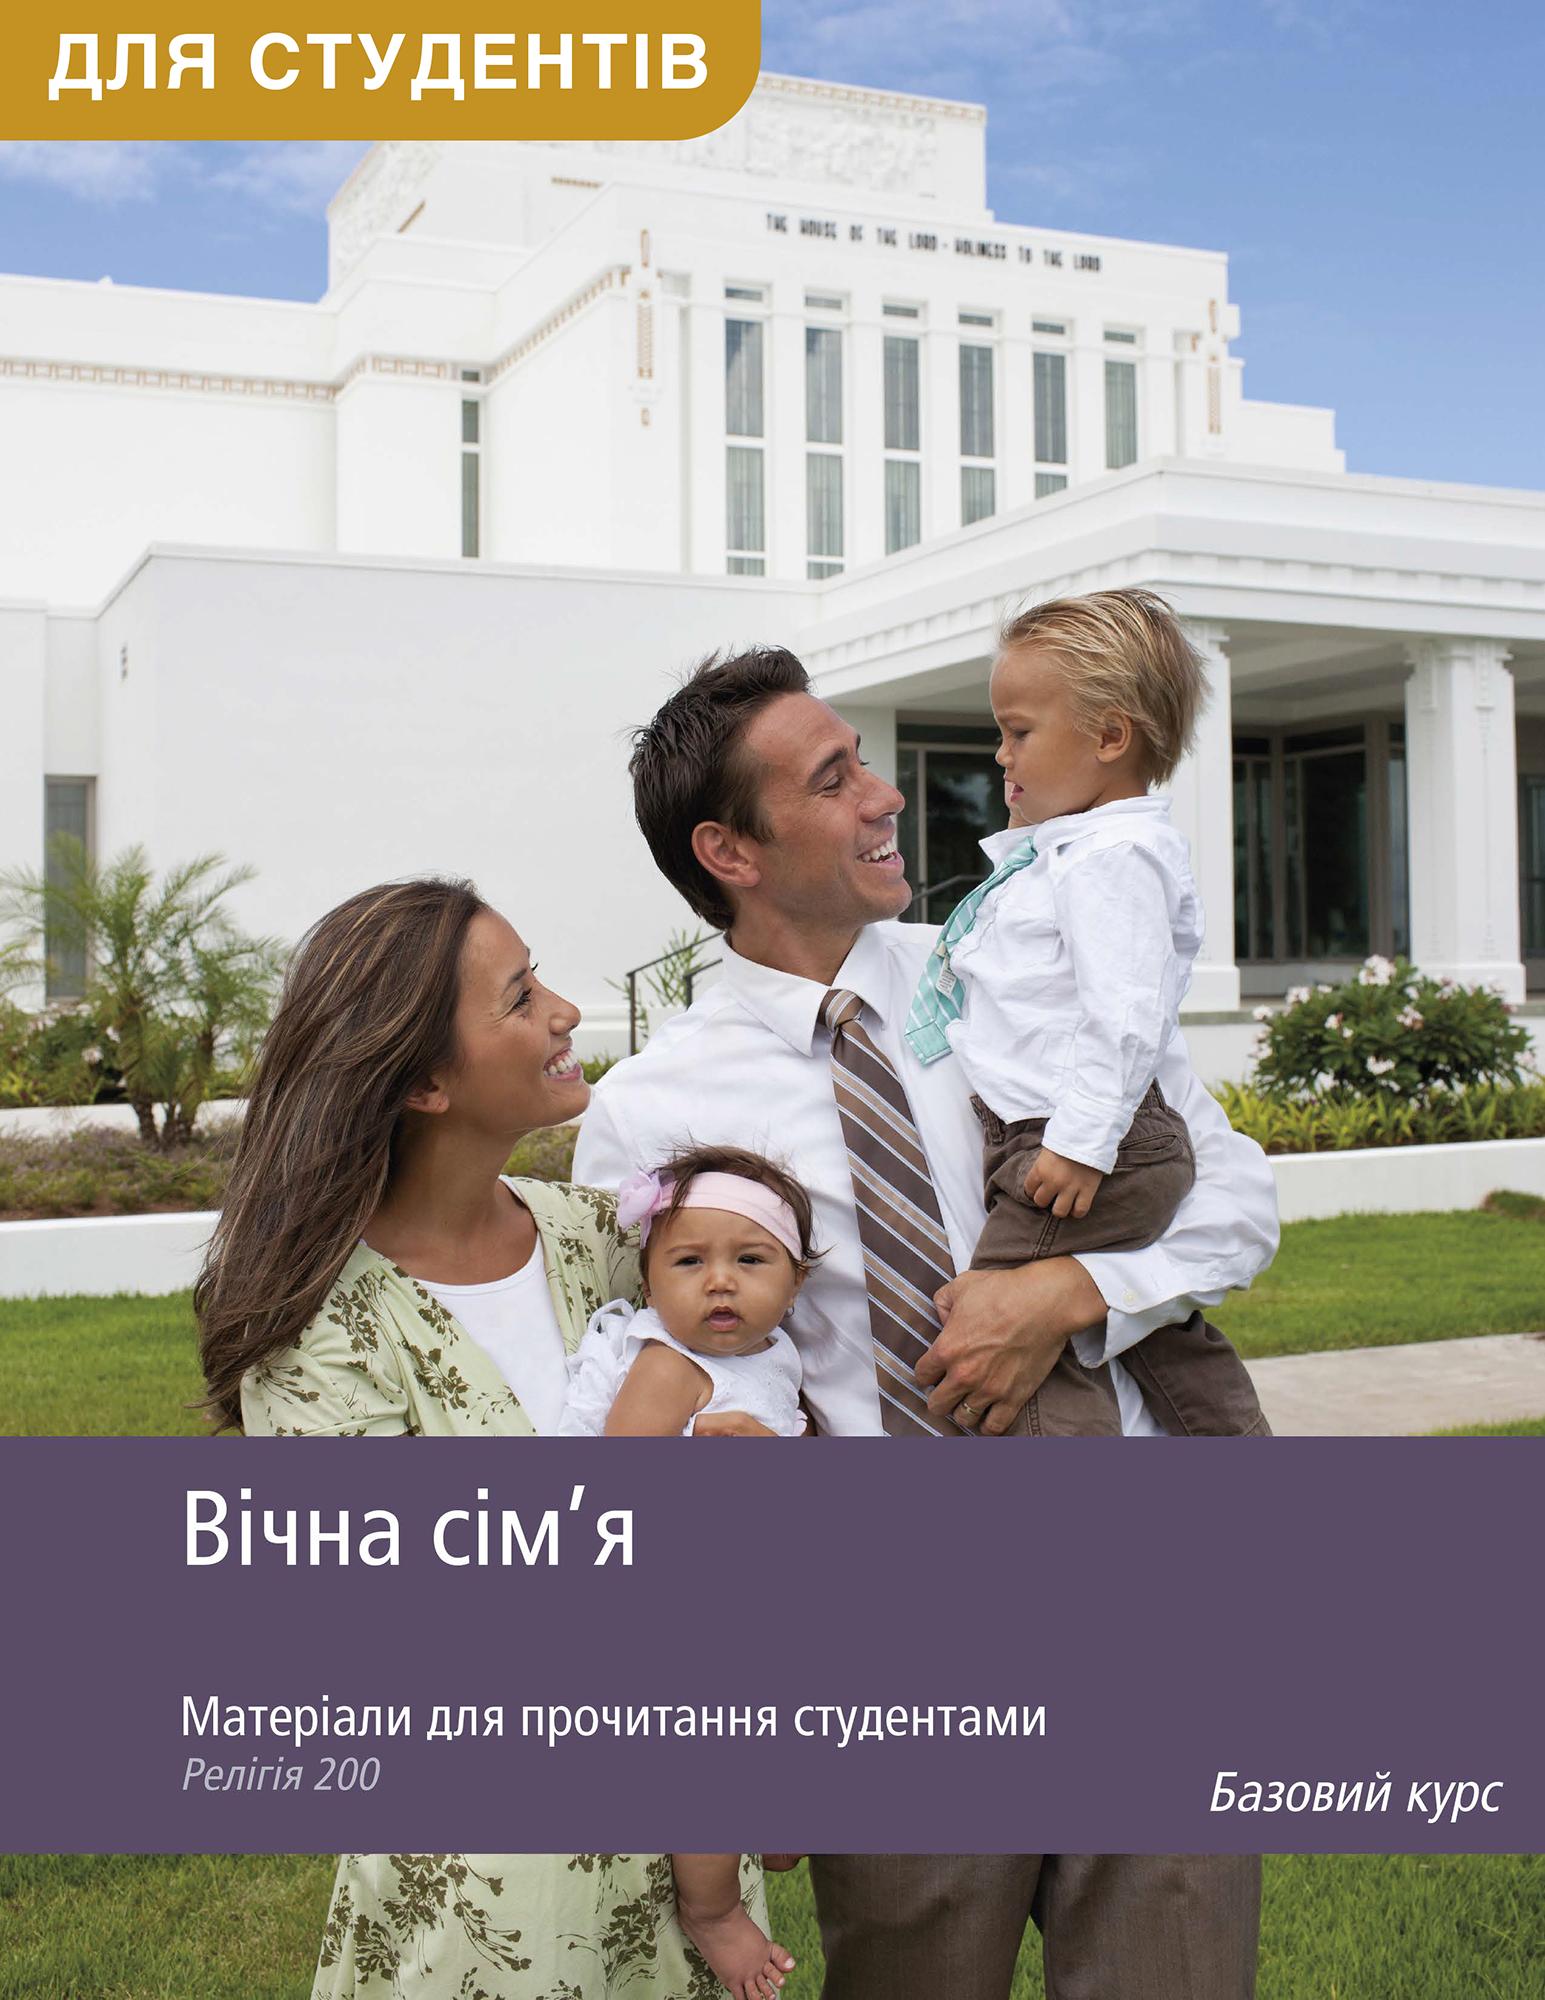 Вічна сім'я. Матеріали для прочитання студентами (Рел 200)